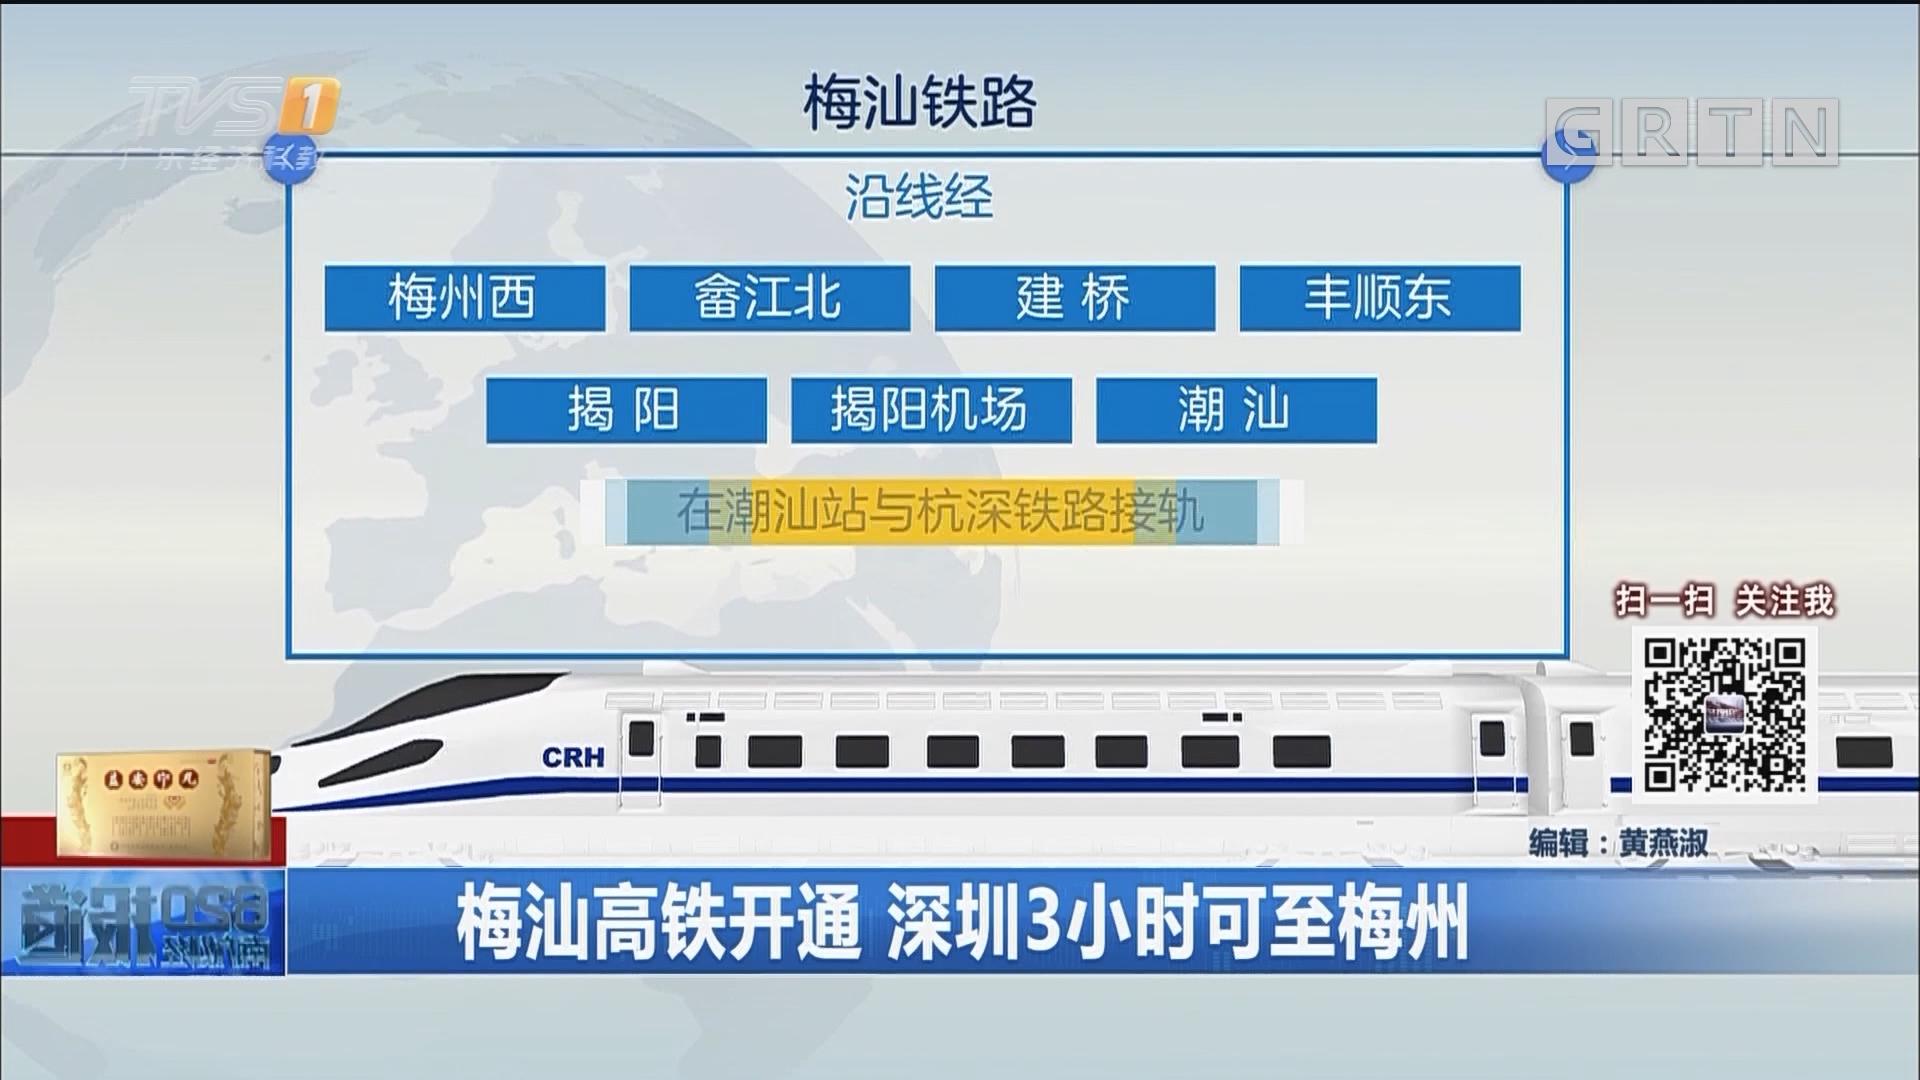 梅汕高铁开通 深圳3小时可至梅州